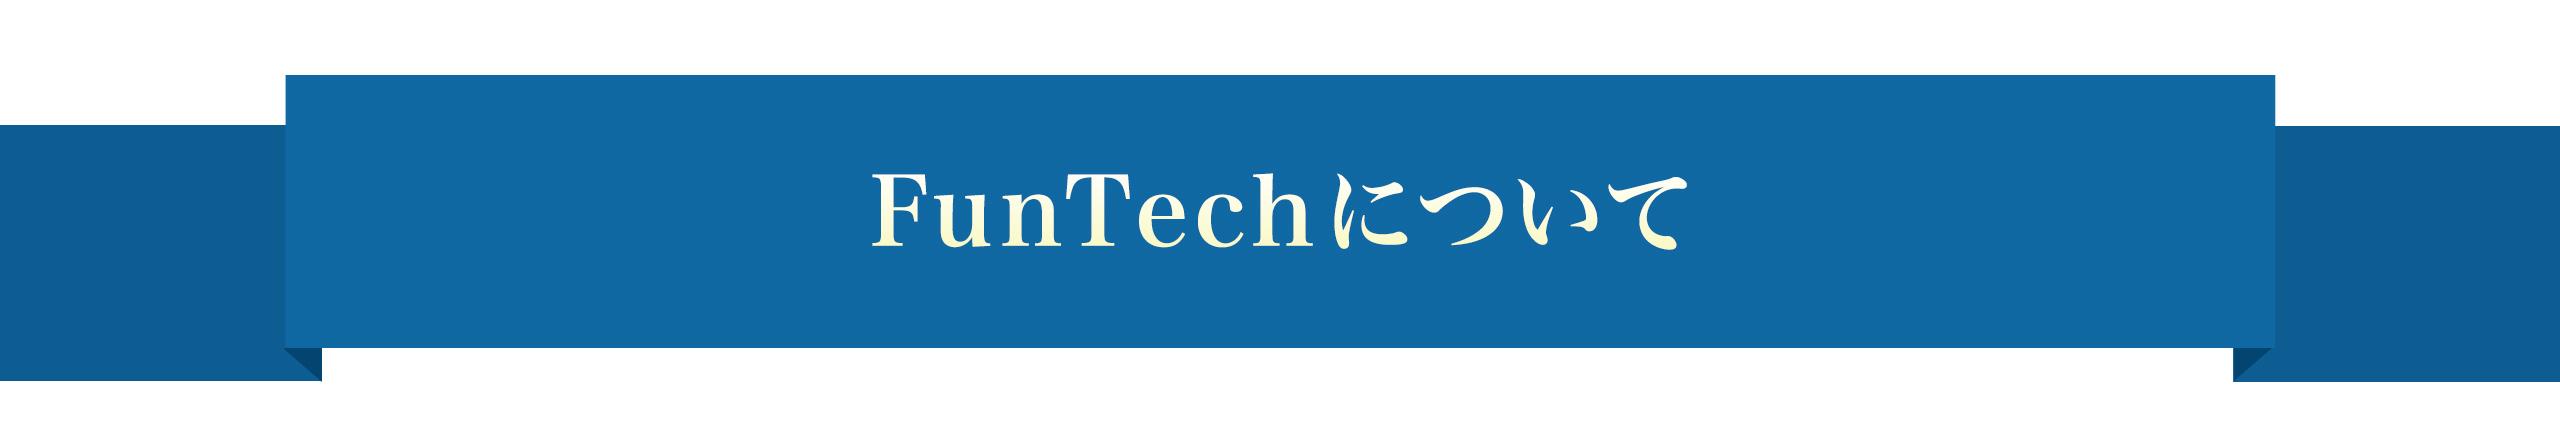 Funtechについて